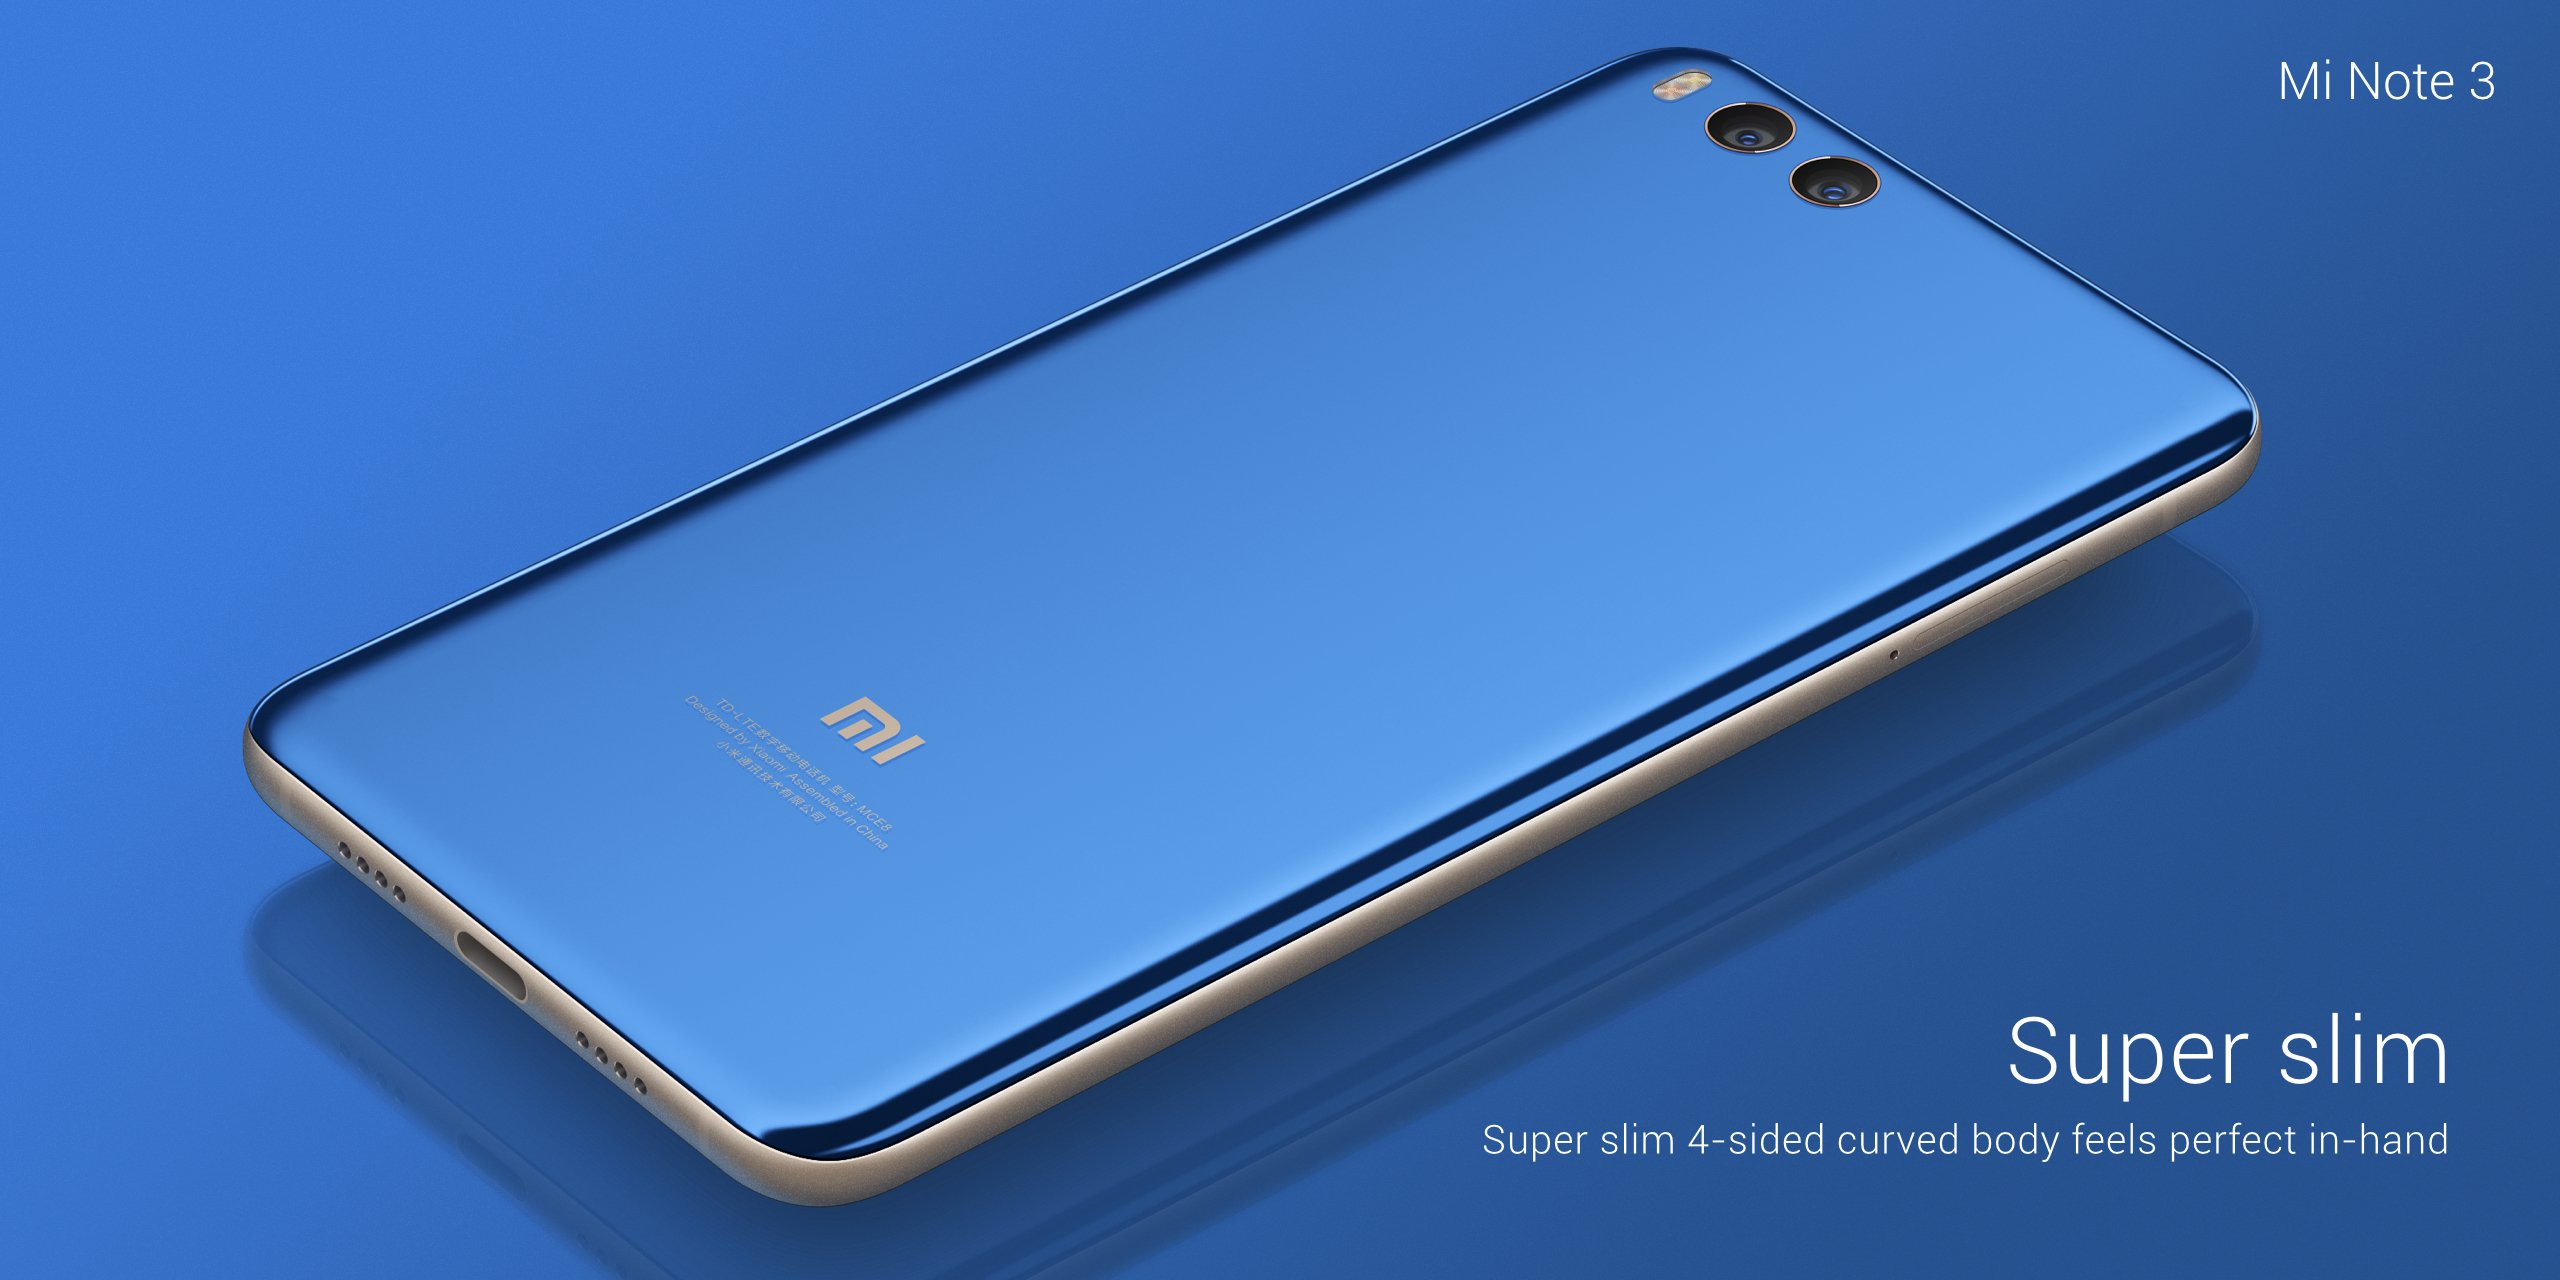 Xiaomi: Mi Note 3 hat eine Dual-Kamera und ein großes Display - Das neue Mi Note 3 von Xiaomi (Bild: Xiaomi)